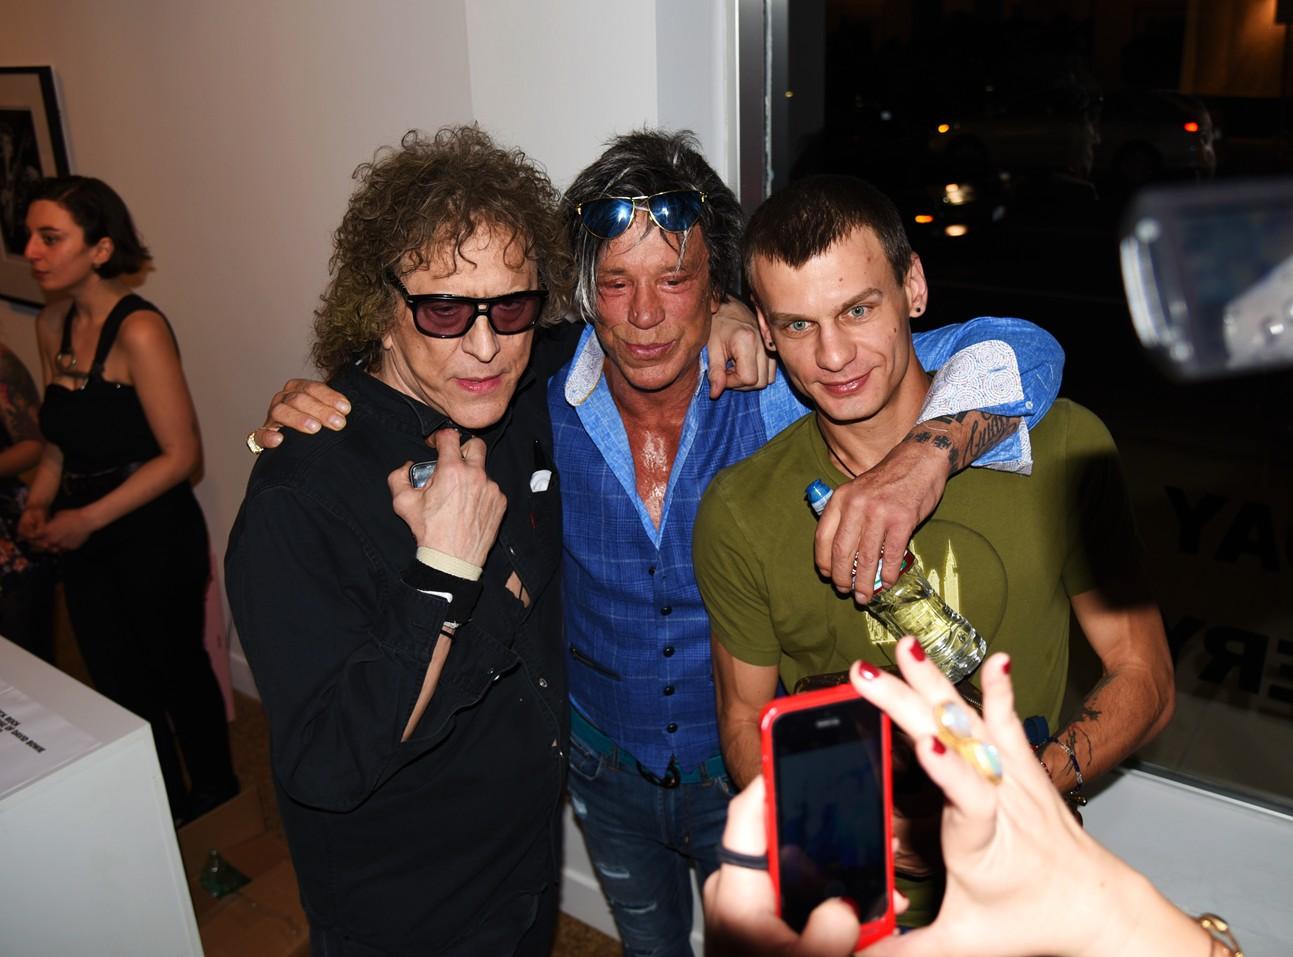 Mick Rock, Revenant, David Bowie, Mickey Rourke